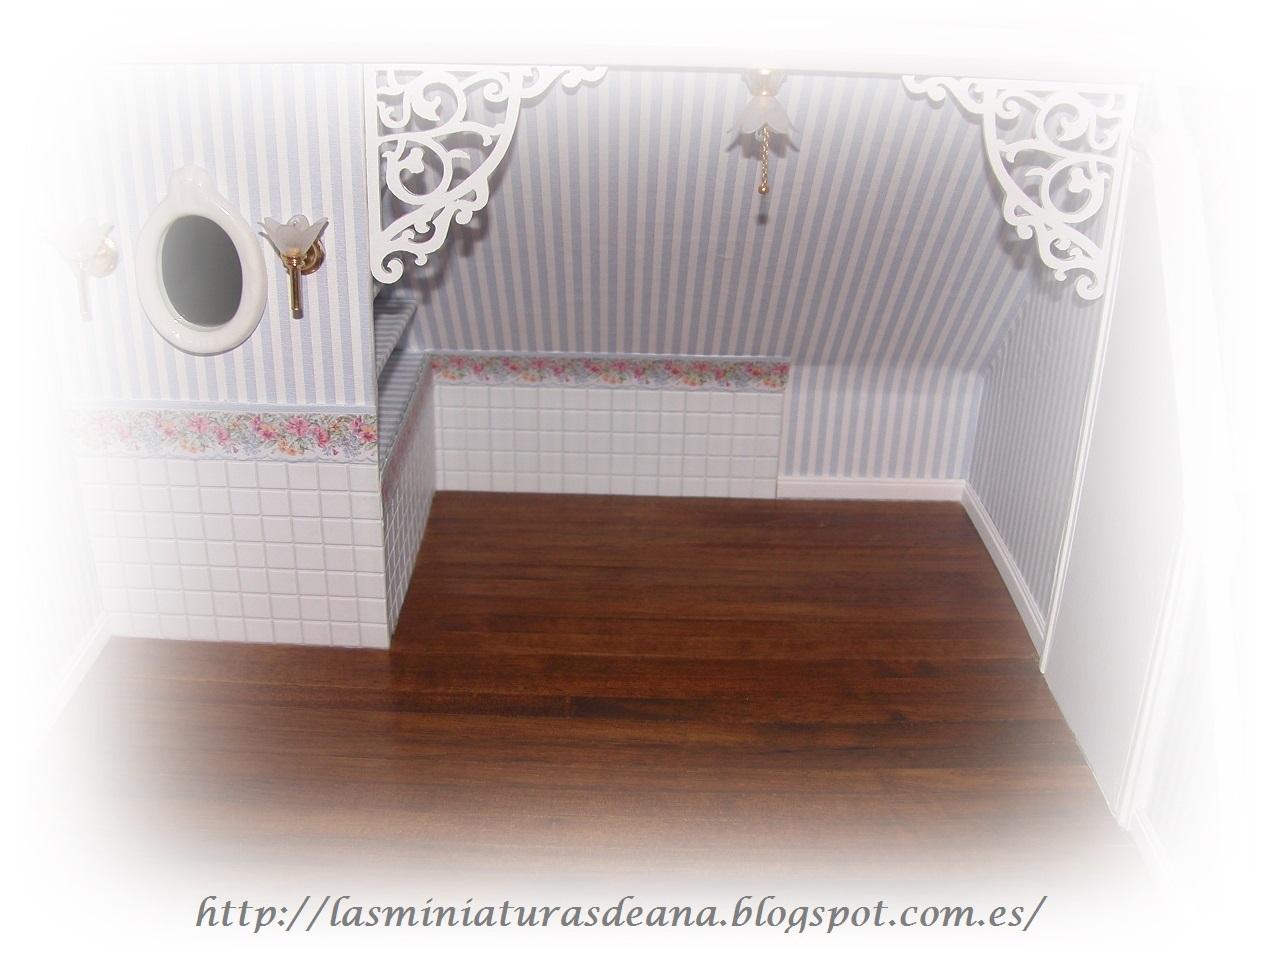 Las miniaturas de ana el ba o reformado for Accesorios para poner toallas en el bano